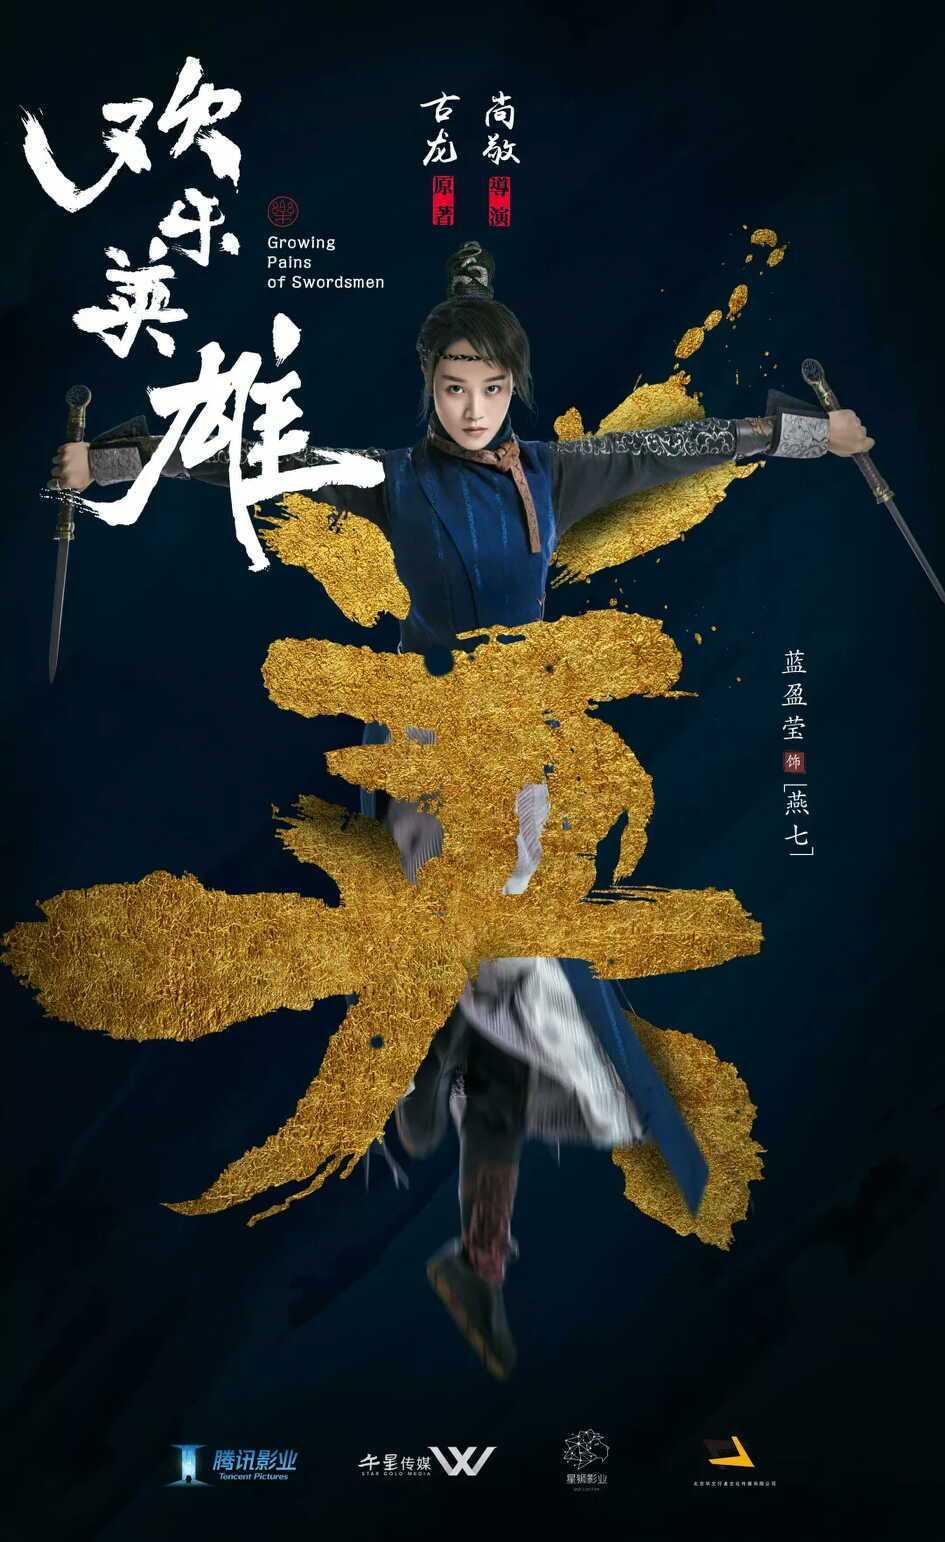 郭大路���'y�'_蓝盈莹 | 诠释酷帅江湖女侠 电视剧《欢乐英雄》首发海报